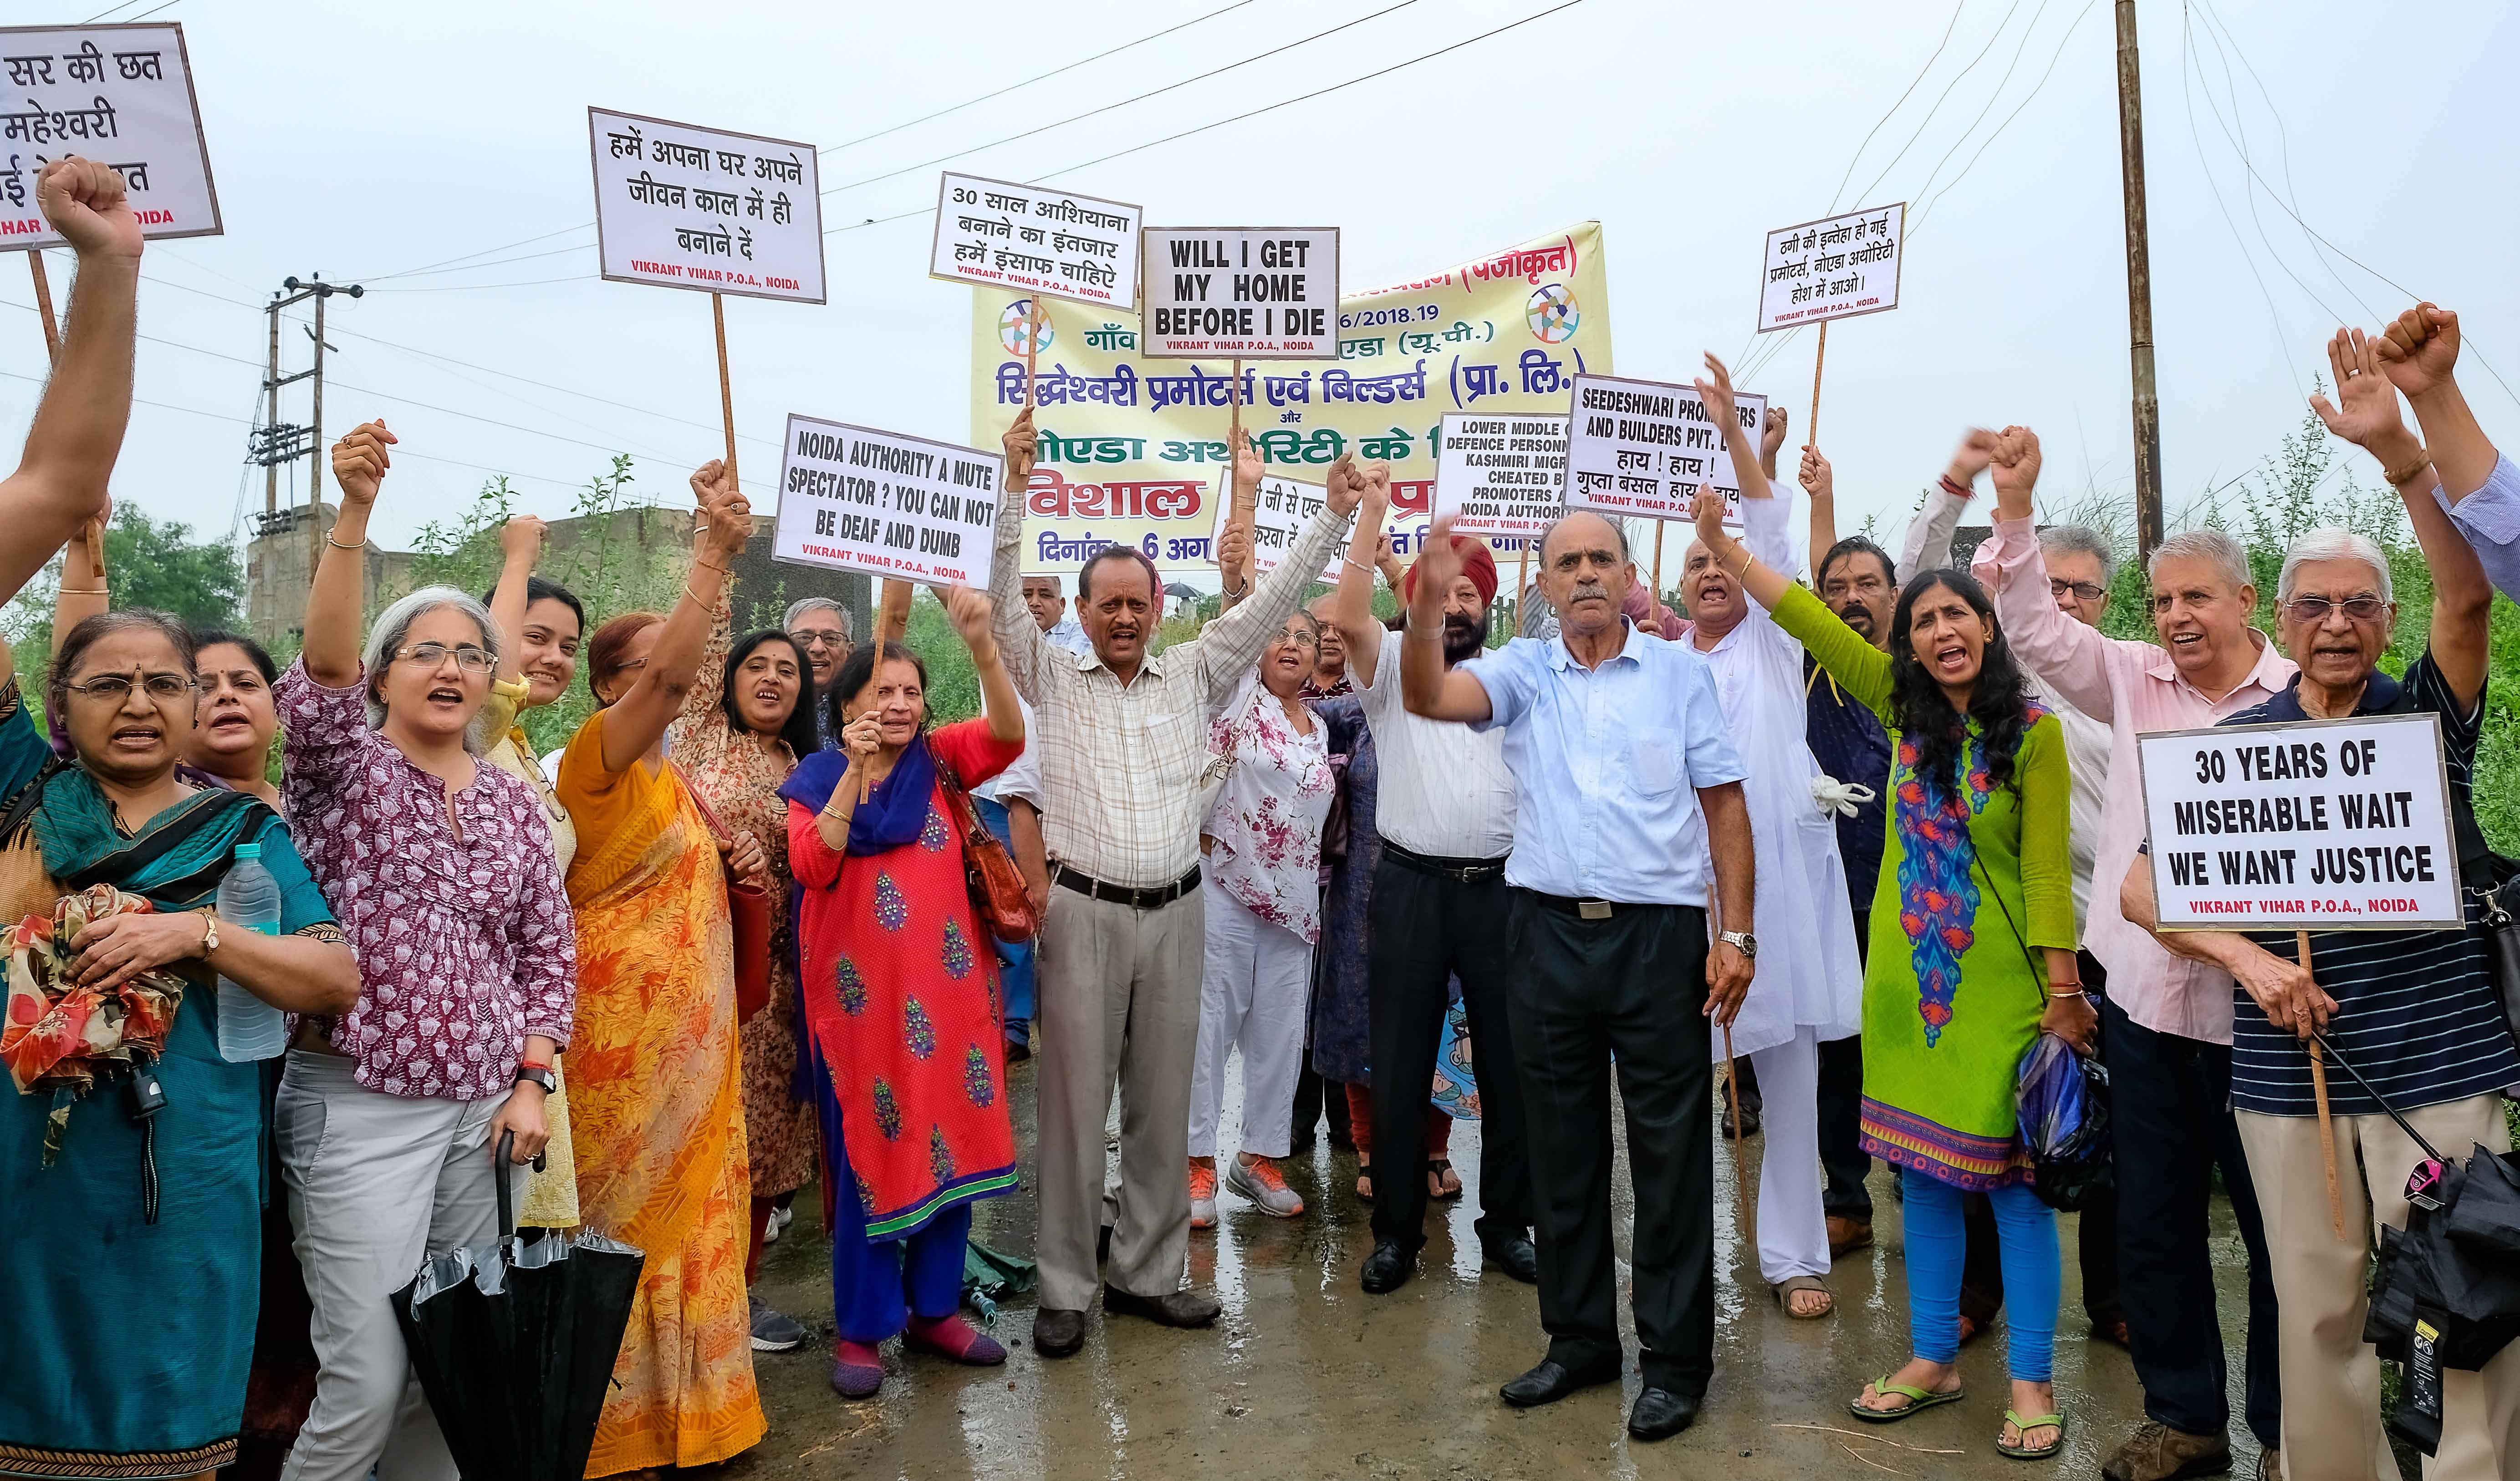 न्याय के लिए 31 वर्षों का संघर्ष , सीधेश्वरी  प्रमोटर्स एंड बिल्डर्स द्वारा भूमि की धोखाधड़ी के खिलाफ 500 परिवारों का विरोध....